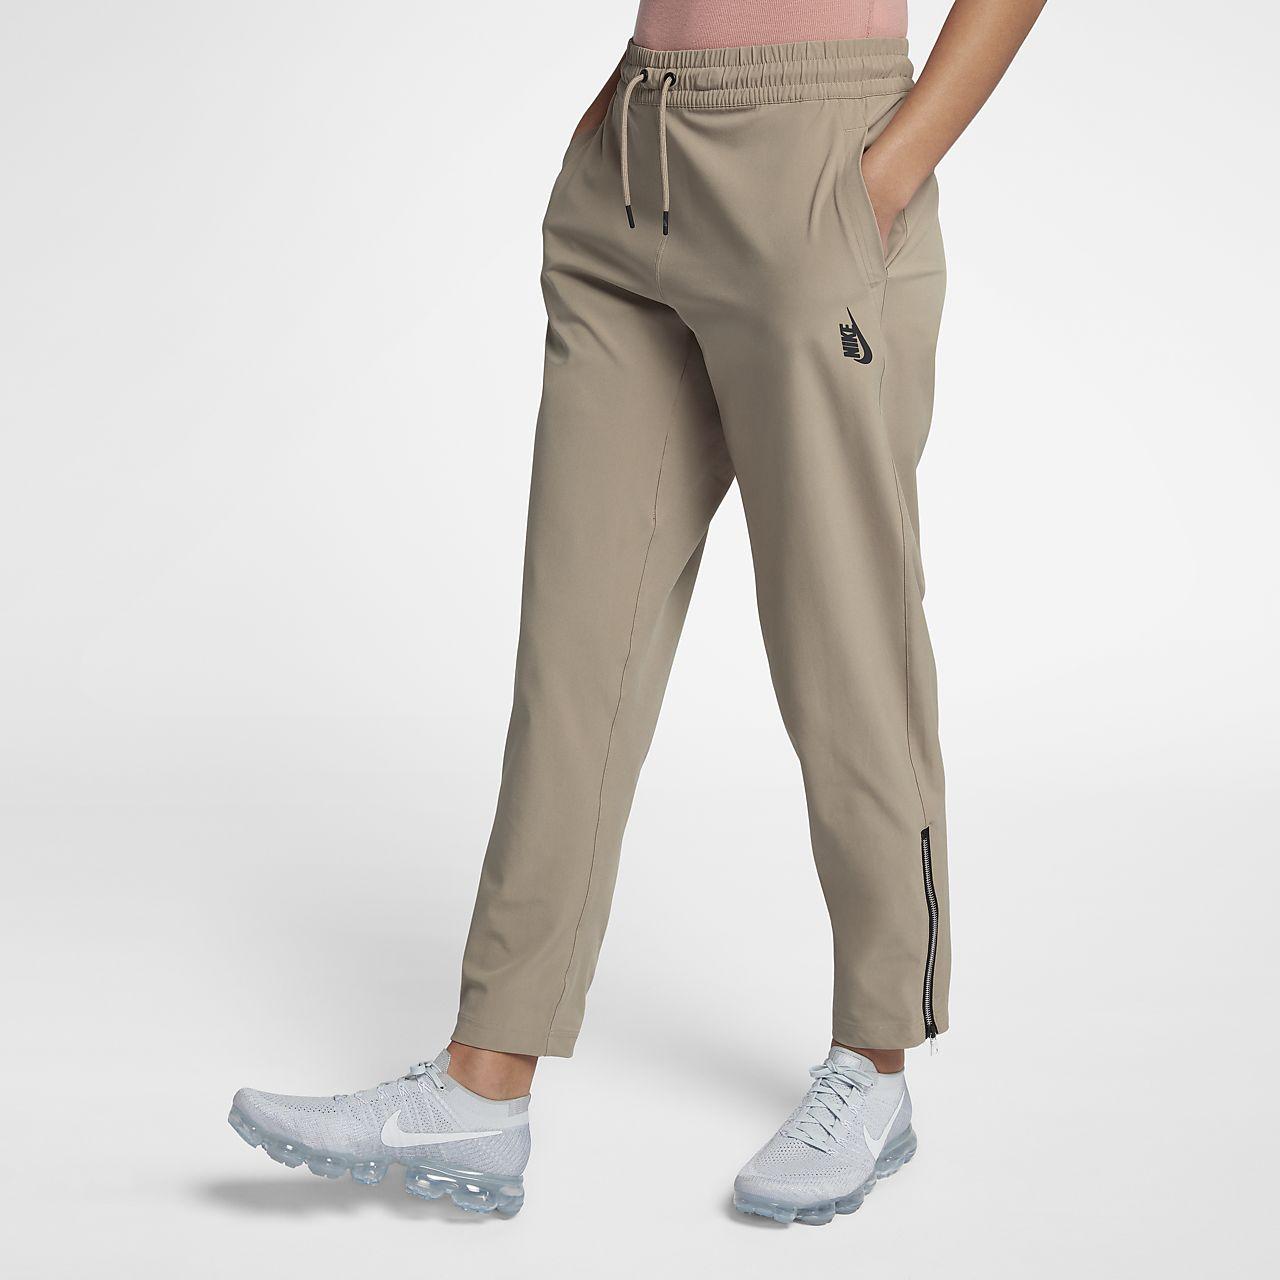 กางเกงผู้หญิง NikeLab Collection Woven